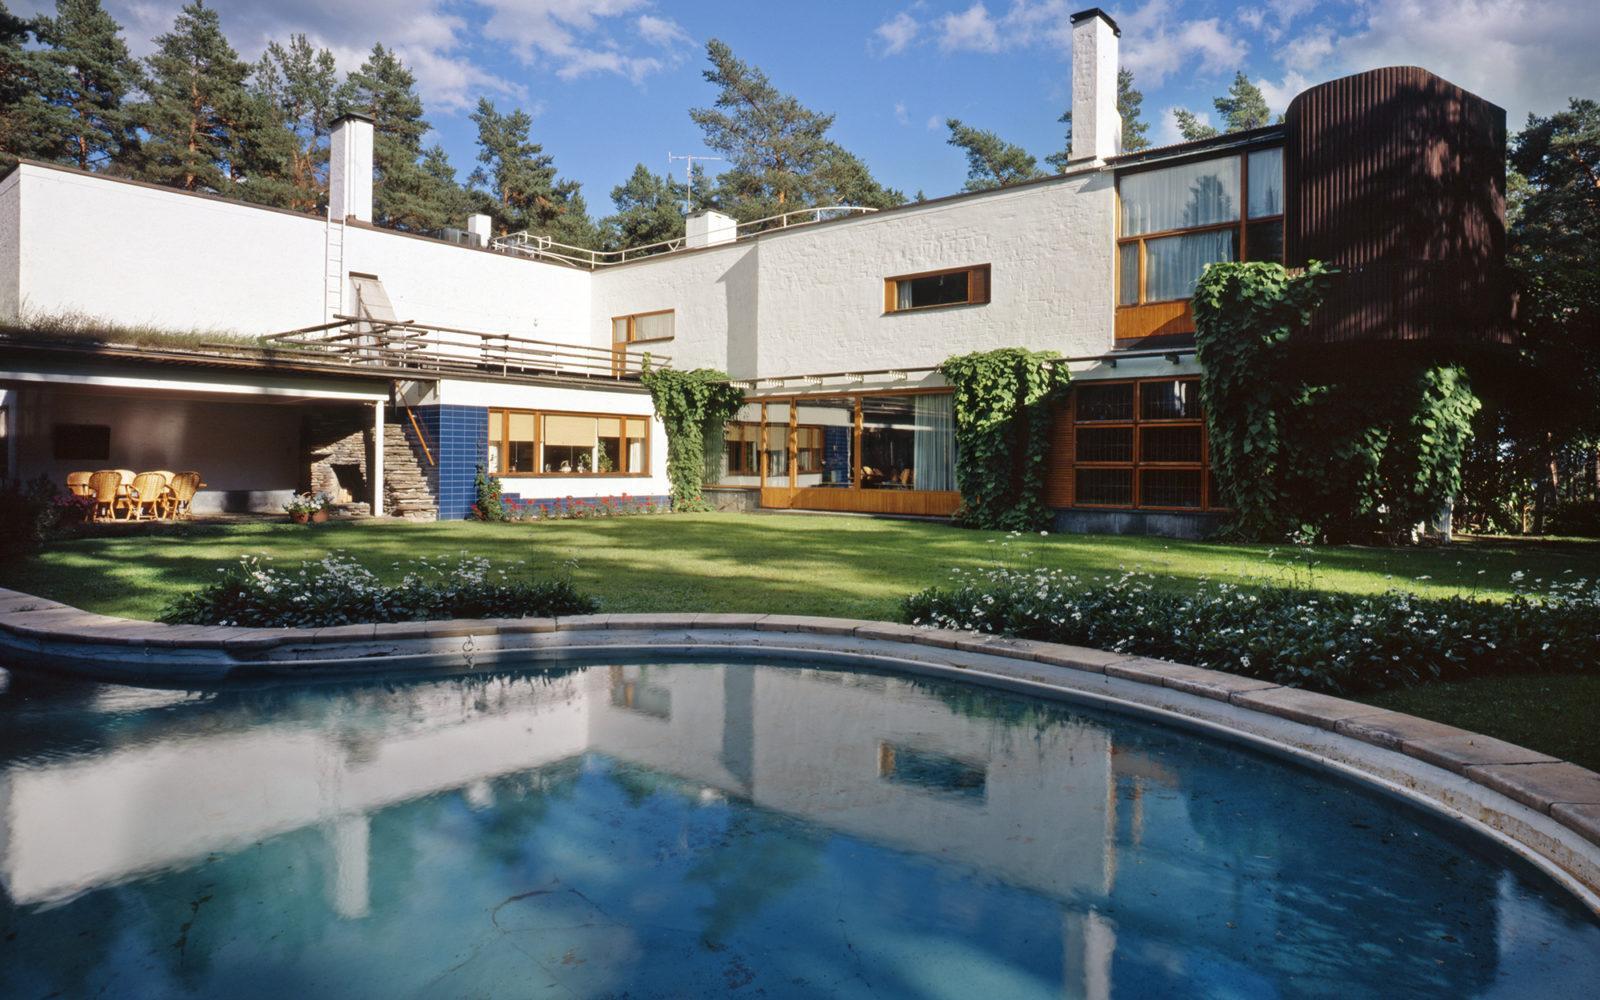 Villa Mairea, Noormarkku. Kuva: Maija Holma, Alvar Aalto -säätiö